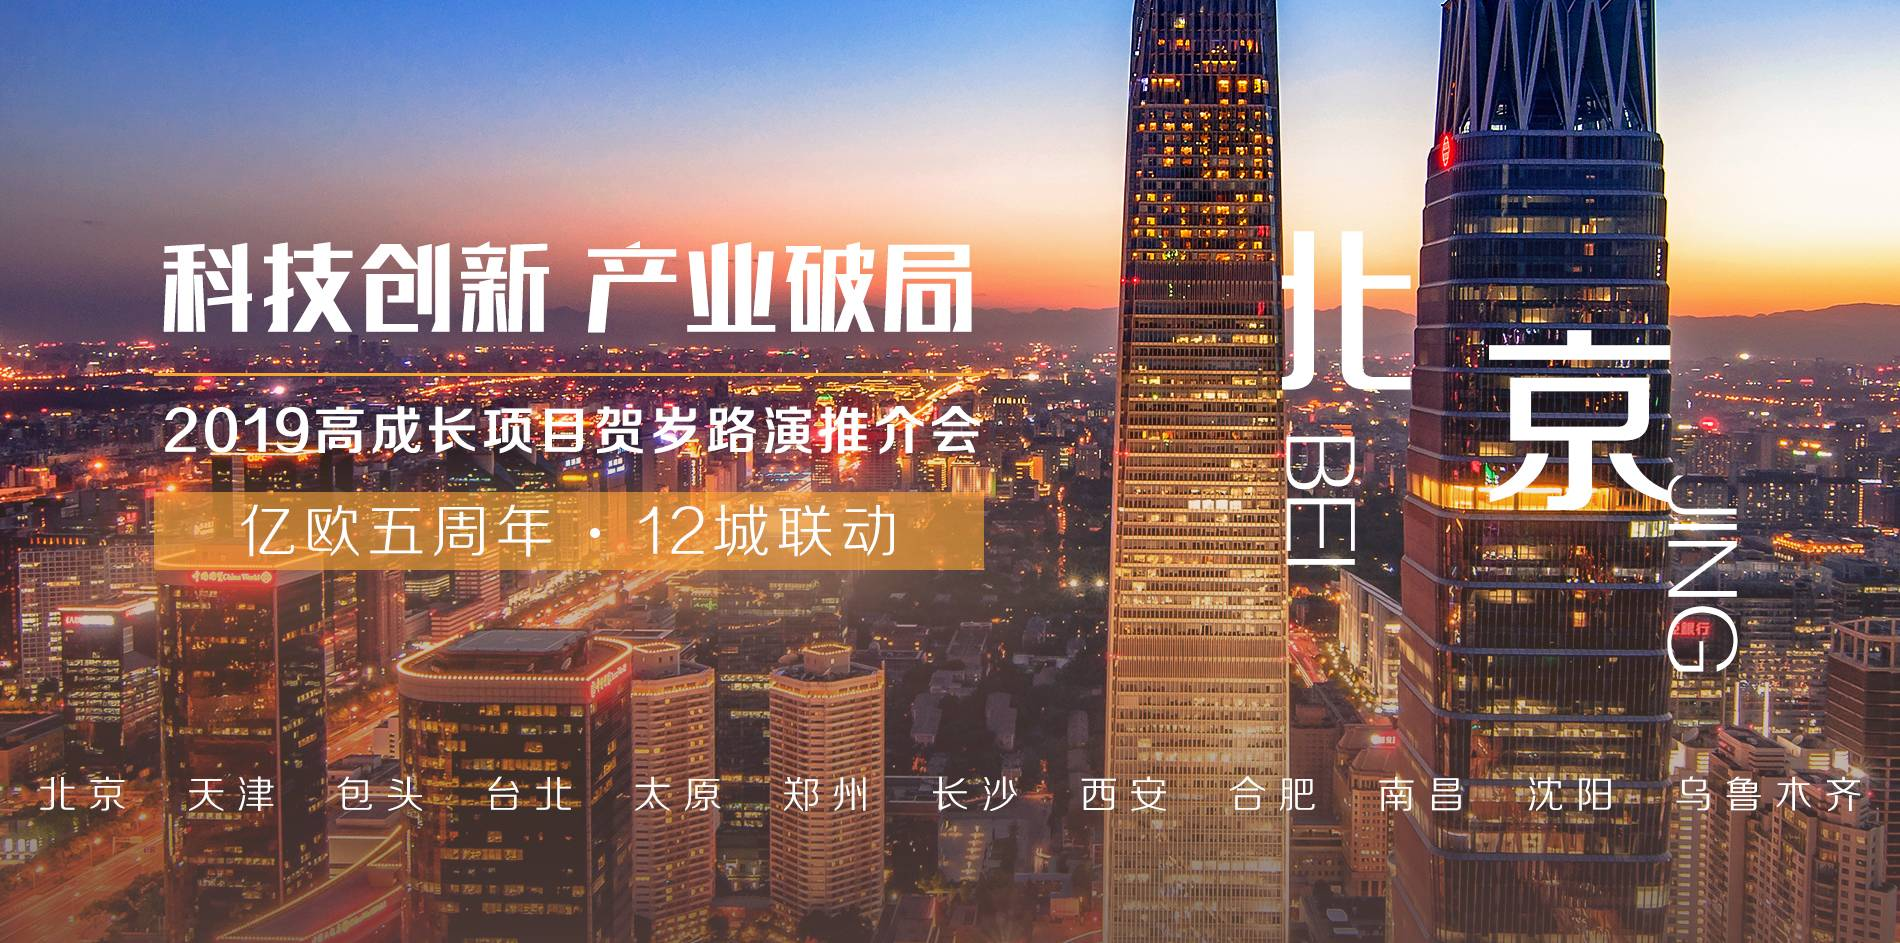 【活动】【科技创新 产业破局】 2019贺岁产业创新论坛·北京站-亿欧